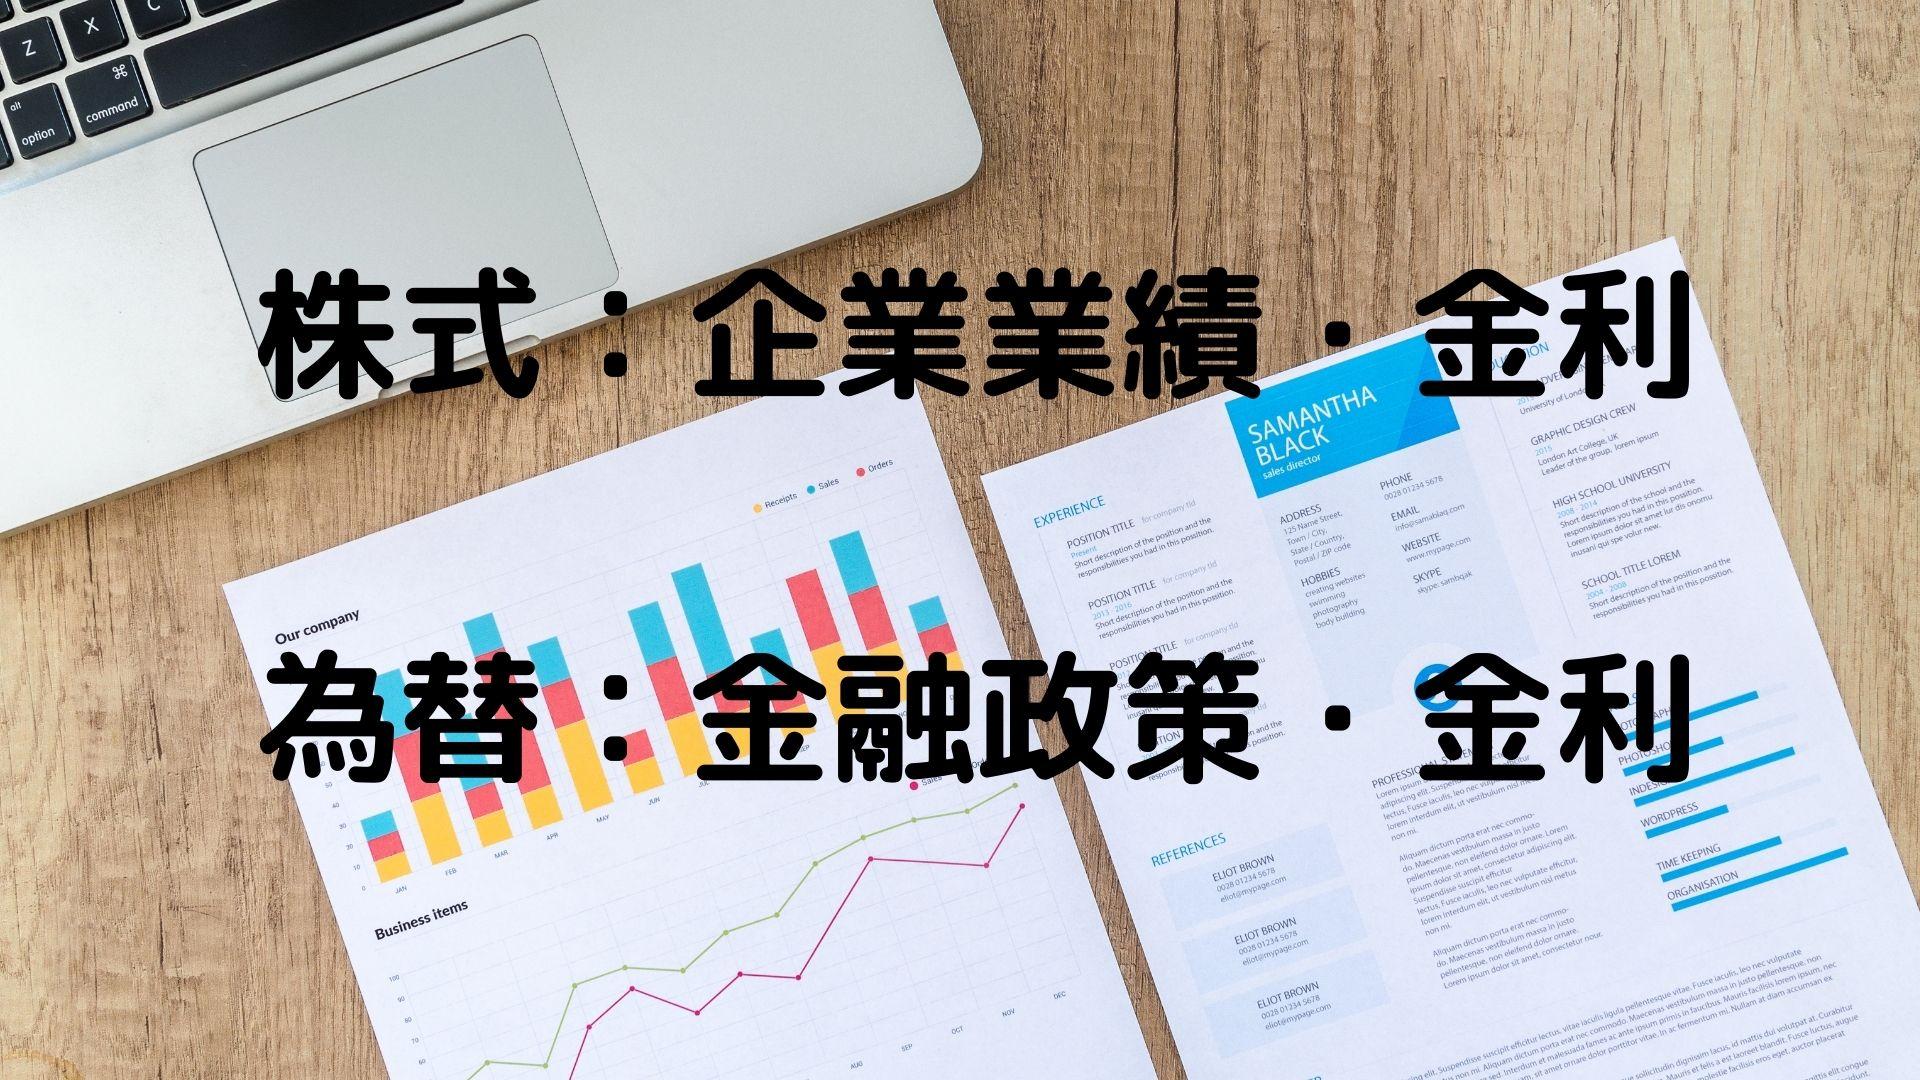 株式:企業業績 為替:金融政策・金利